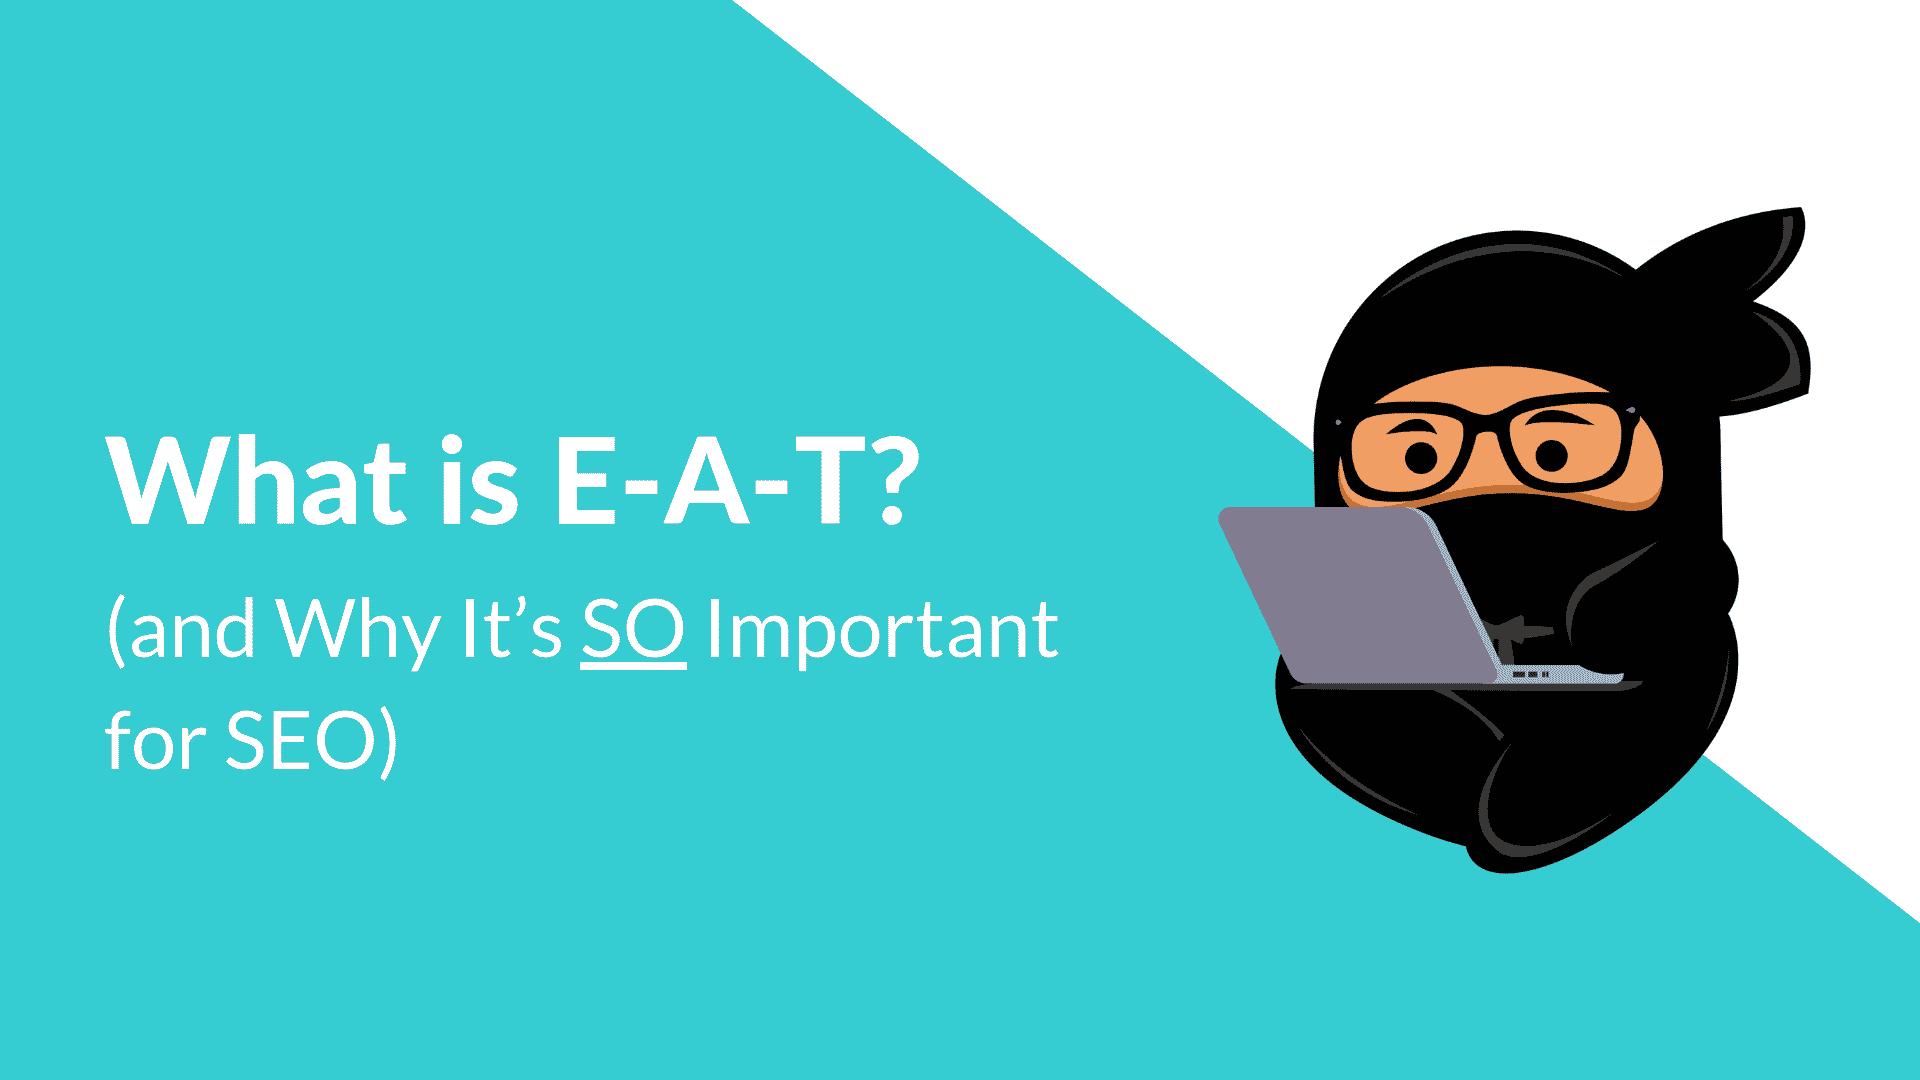 Qu'est-ce que E-A-T et pourquoi est-il important pour le référencement?